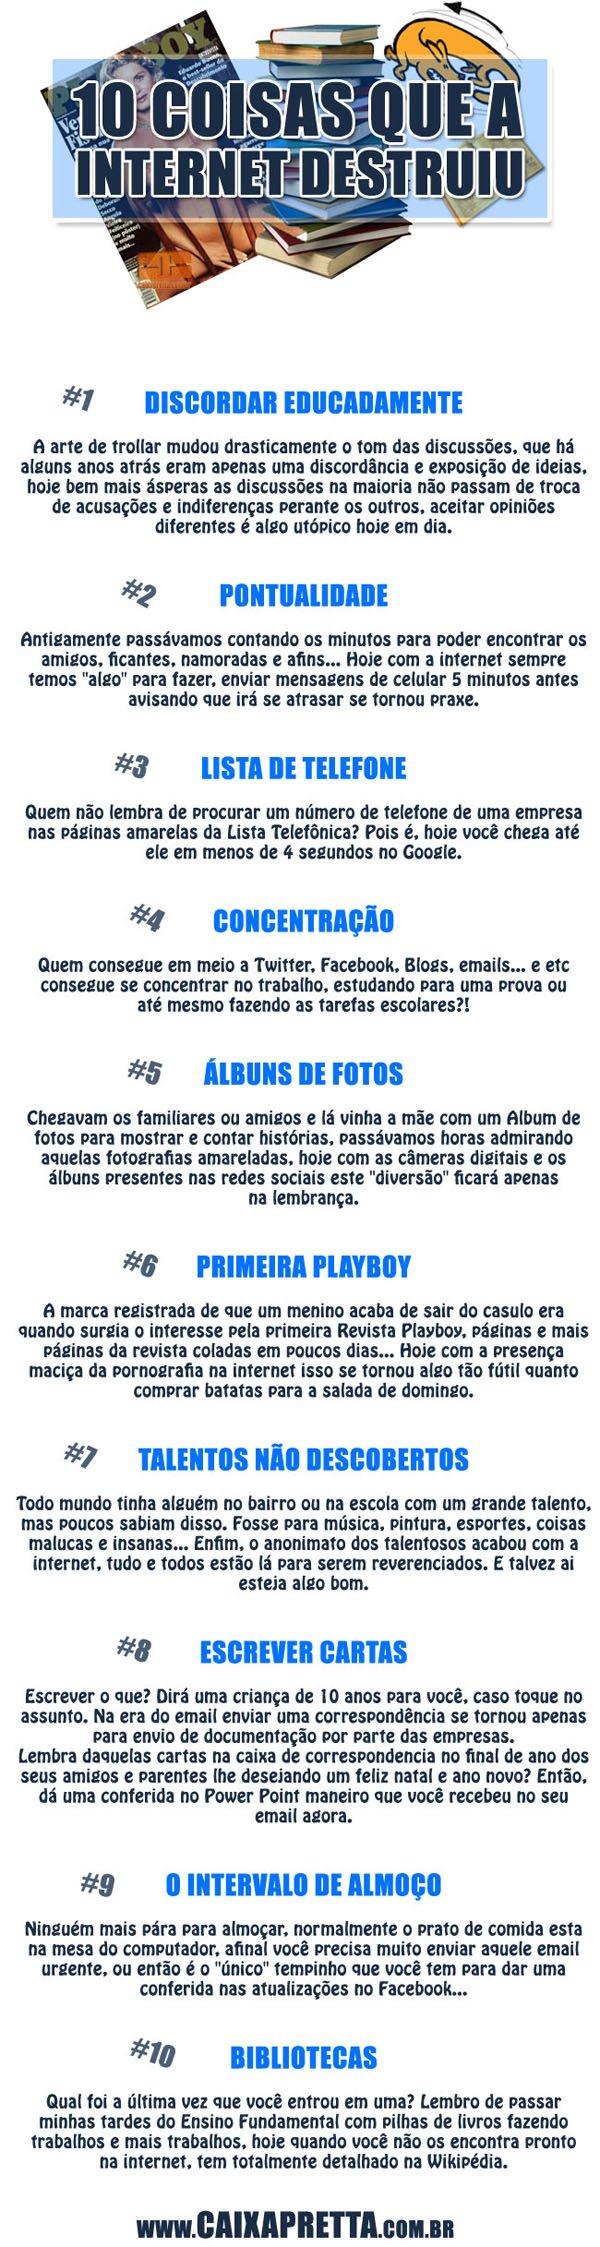 10-COISAS-QUE-A-INTERNET-DESTRUIU